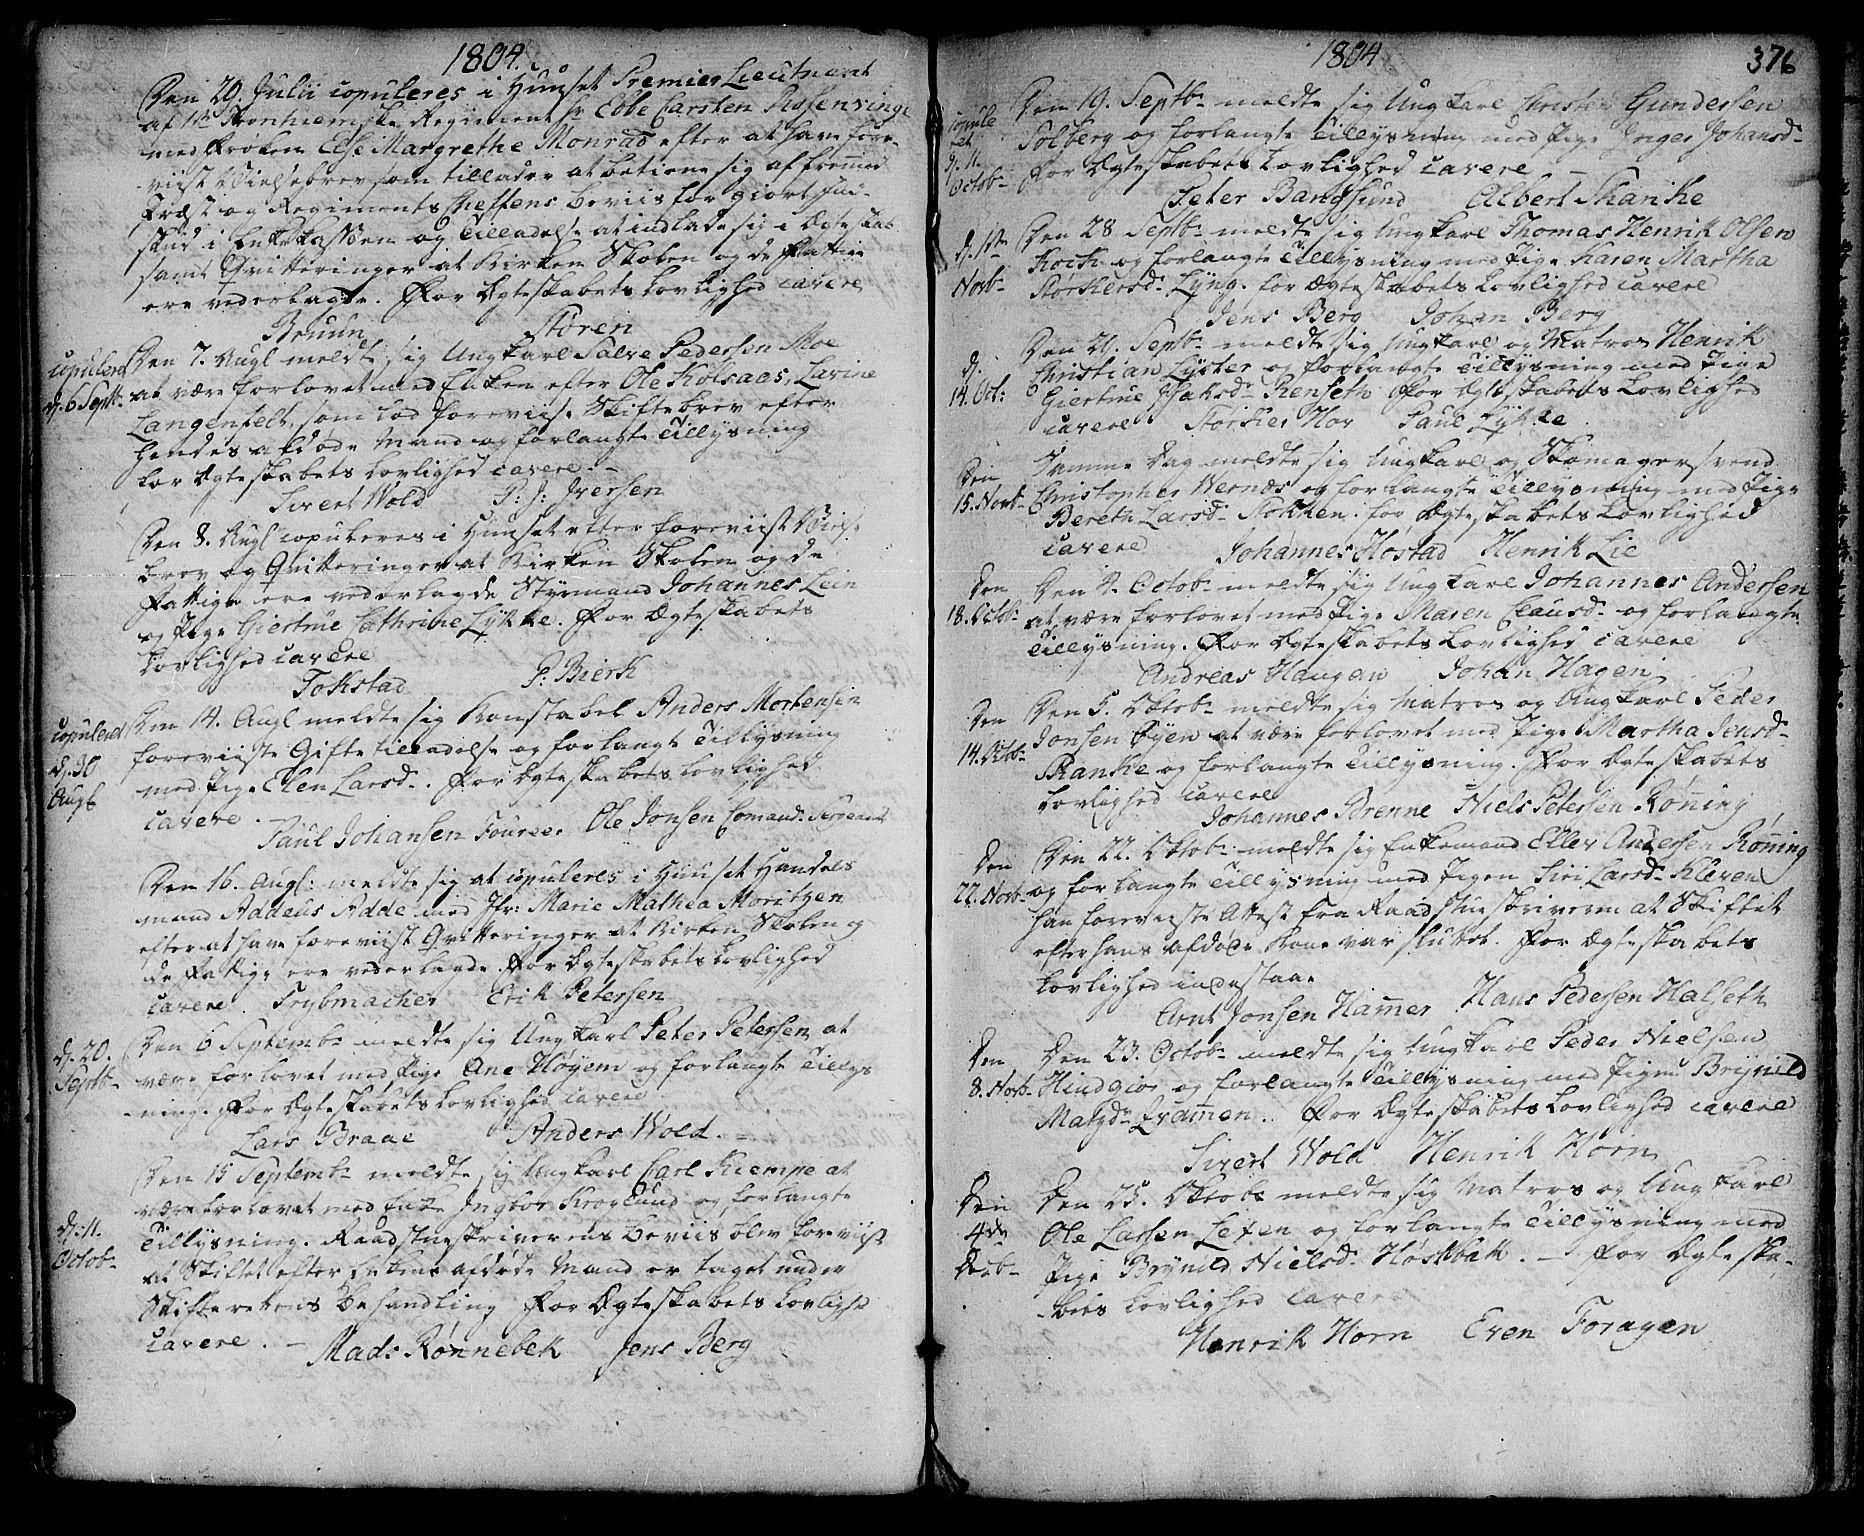 SAT, Ministerialprotokoller, klokkerbøker og fødselsregistre - Sør-Trøndelag, 601/L0038: Ministerialbok nr. 601A06, 1766-1877, s. 376